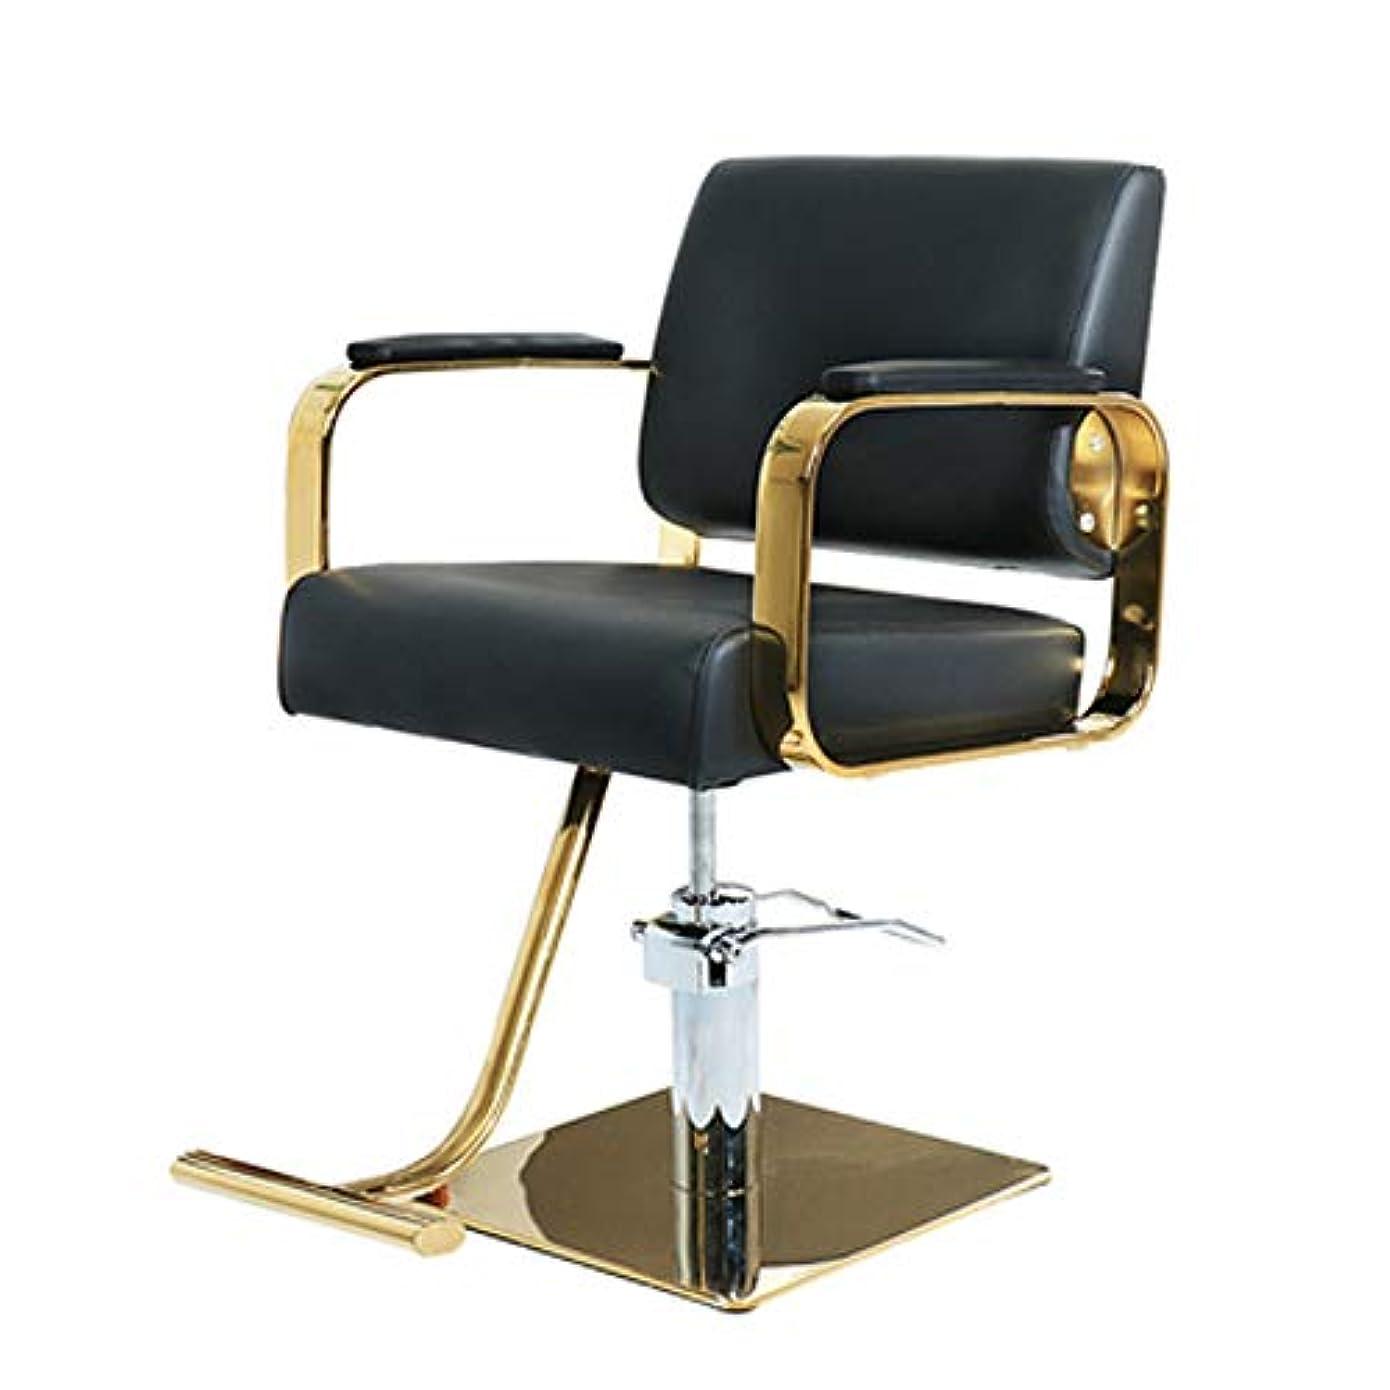 ハングライバル津波理髪アームチェア、ヘアスタイリスト用サロンチェア、ヘビーデューティタトゥー回転チェア、シャンプー美容、サロン機器